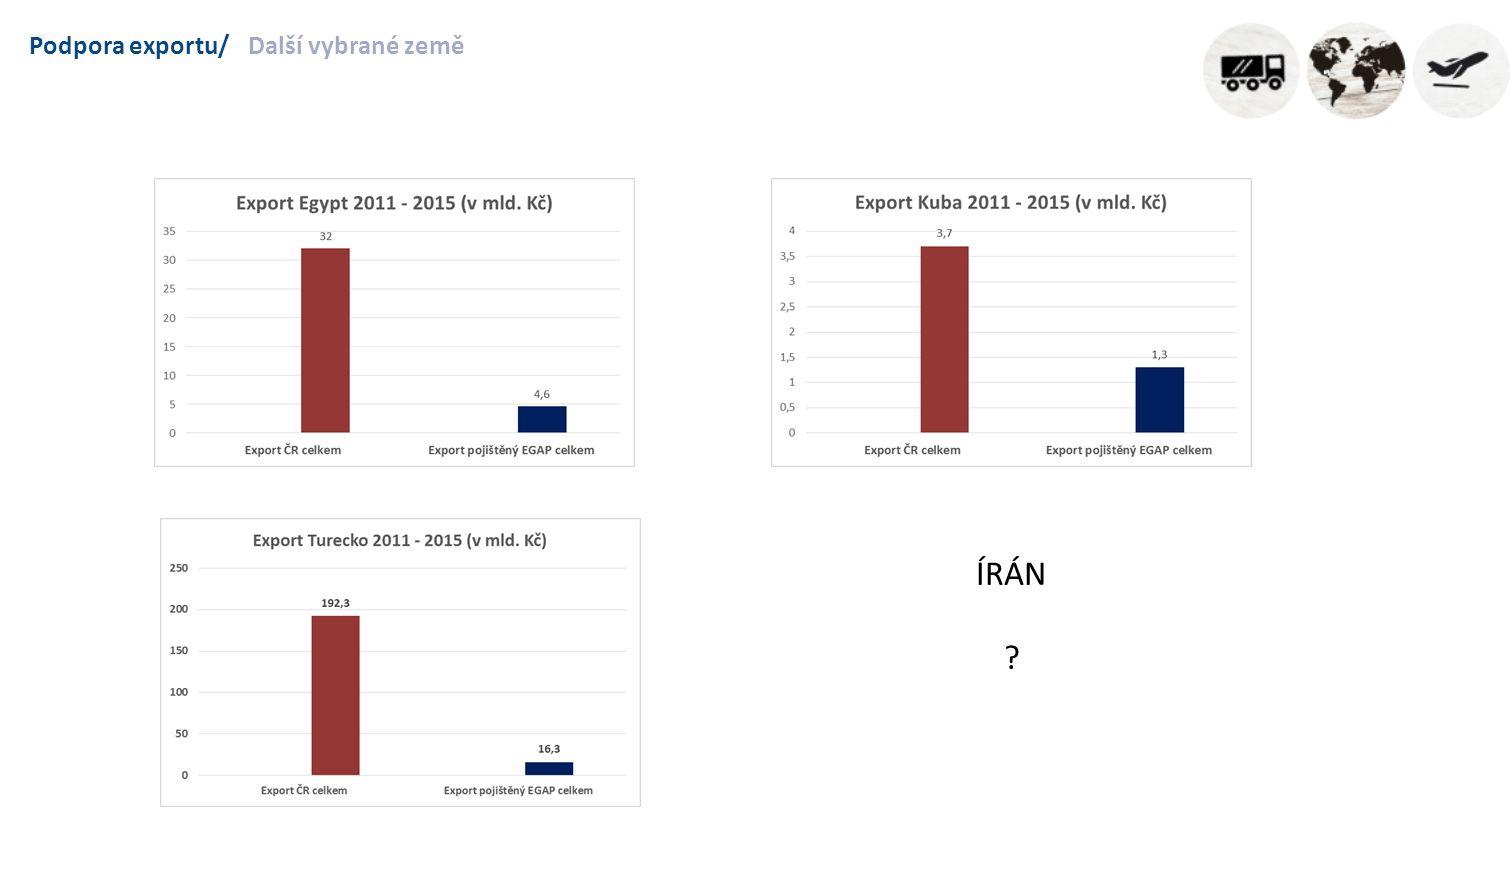 Podpora exportu/Další vybrané země ÍRÁN